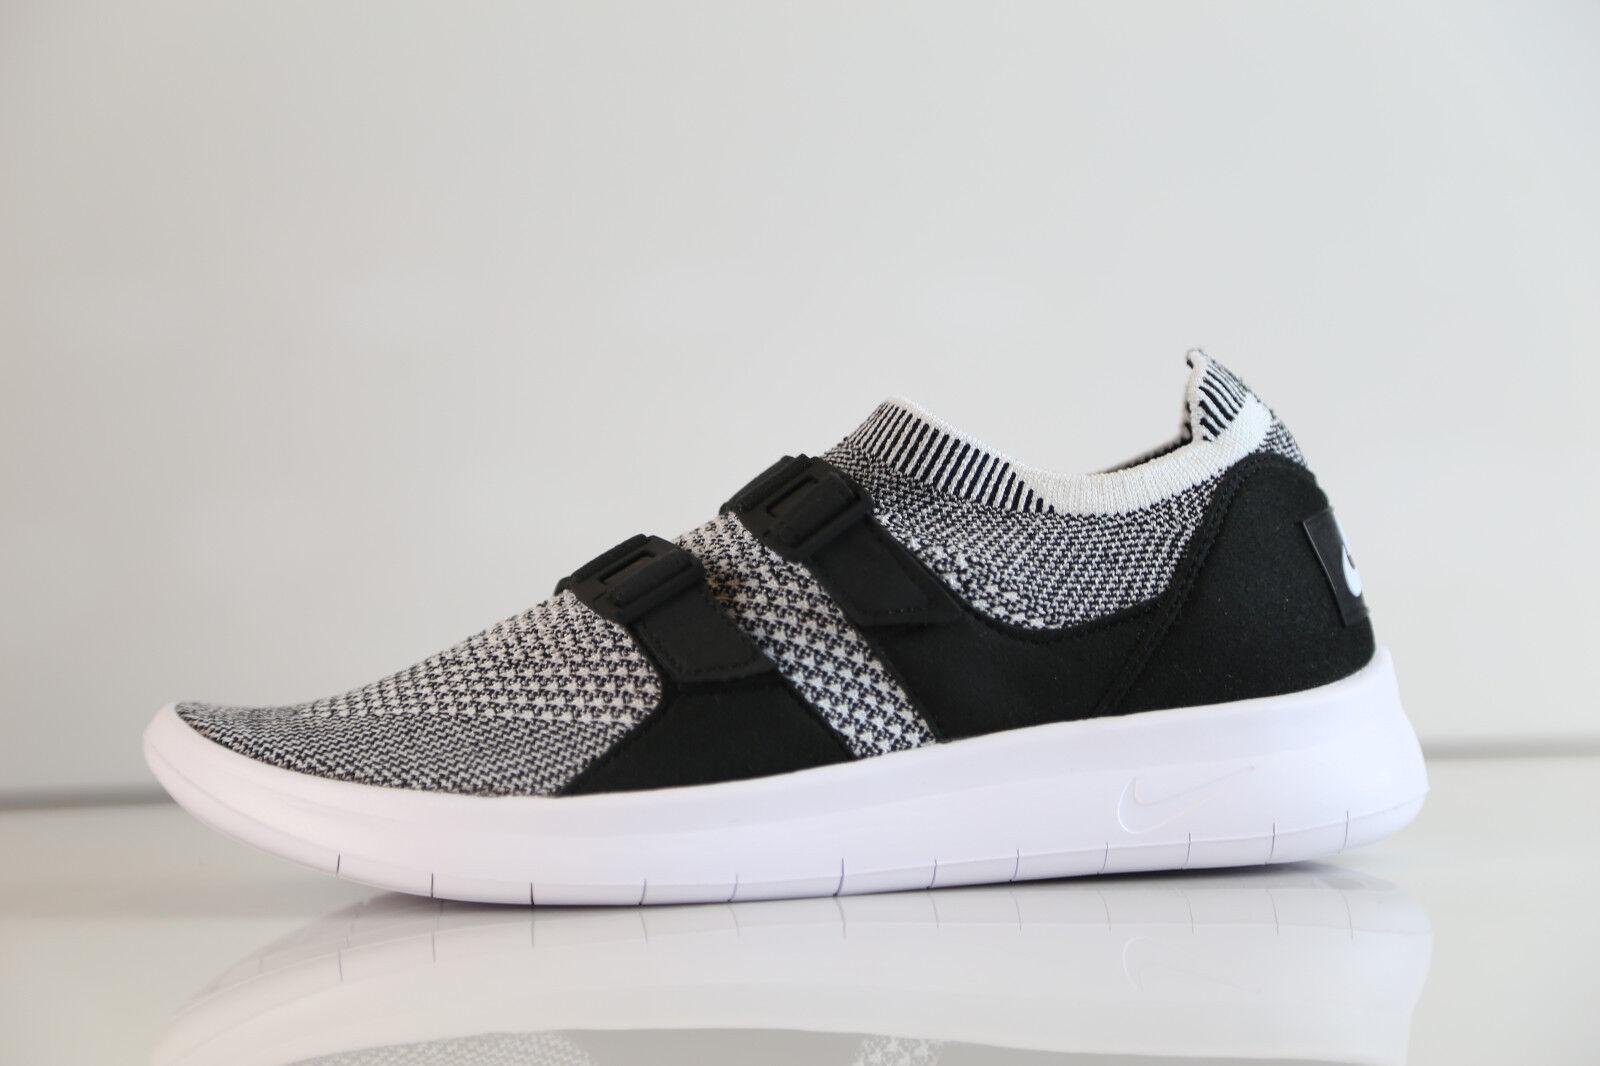 Nike Womens Air SockRacer Flyknit Black White 896447-002 5-10 sock racer 1